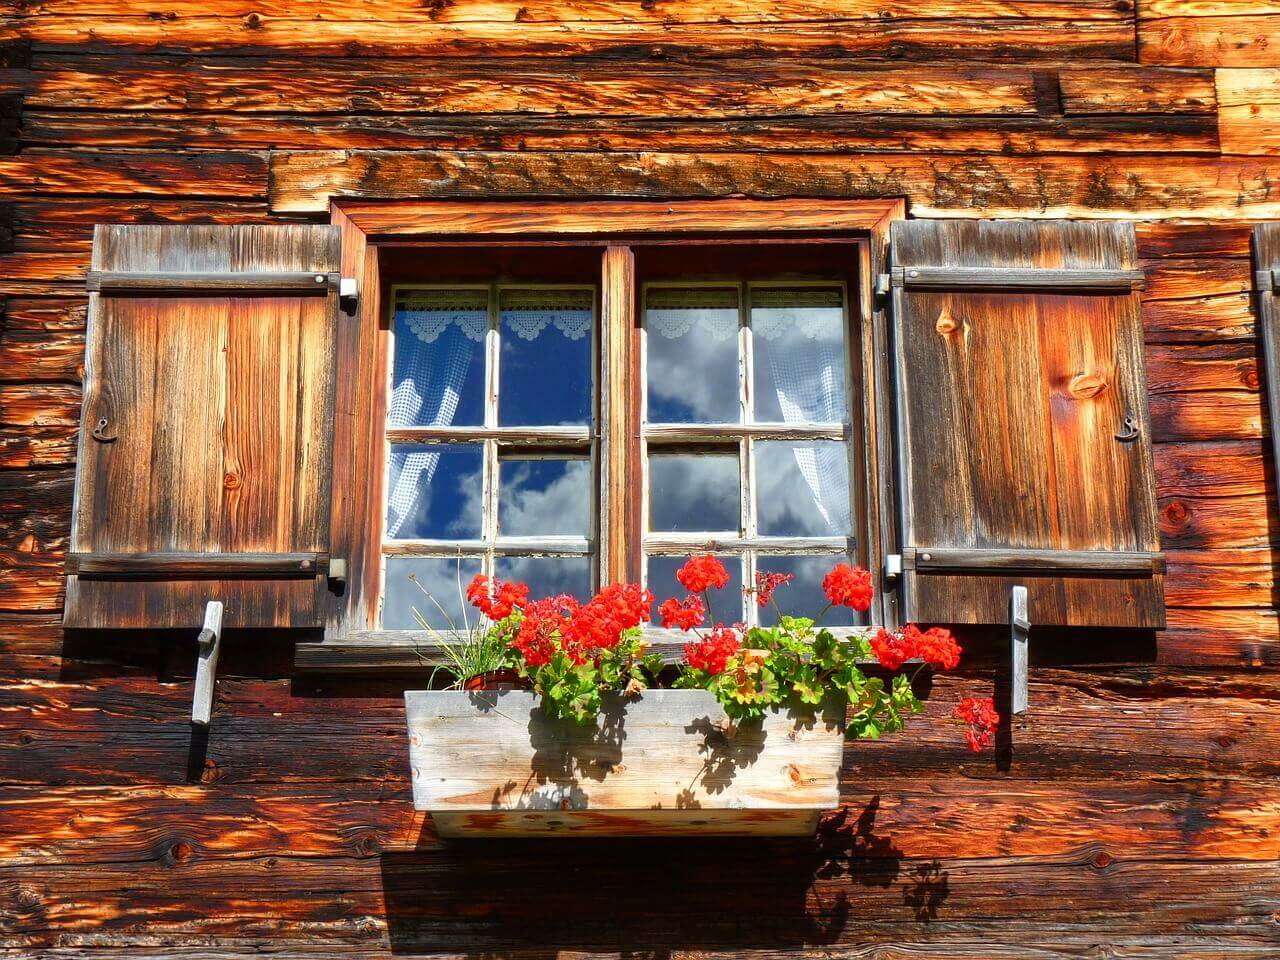 Les fenêtres en bois, le charme de l'ancien ?